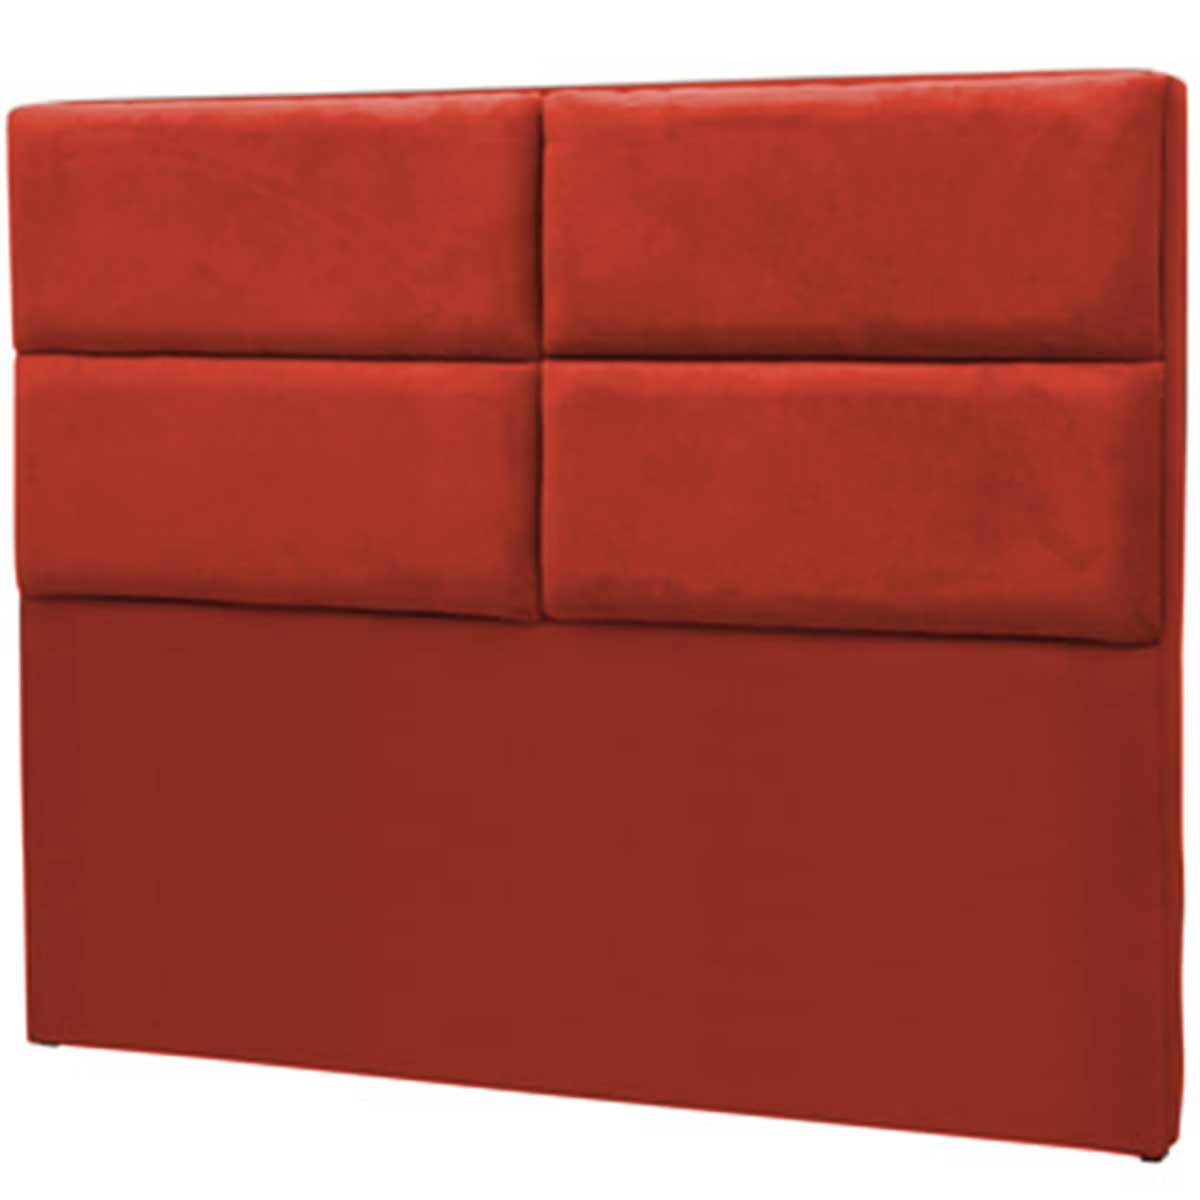 Cabeceira Barcelona Queen 160 cm Vermelho Perfan Móveis